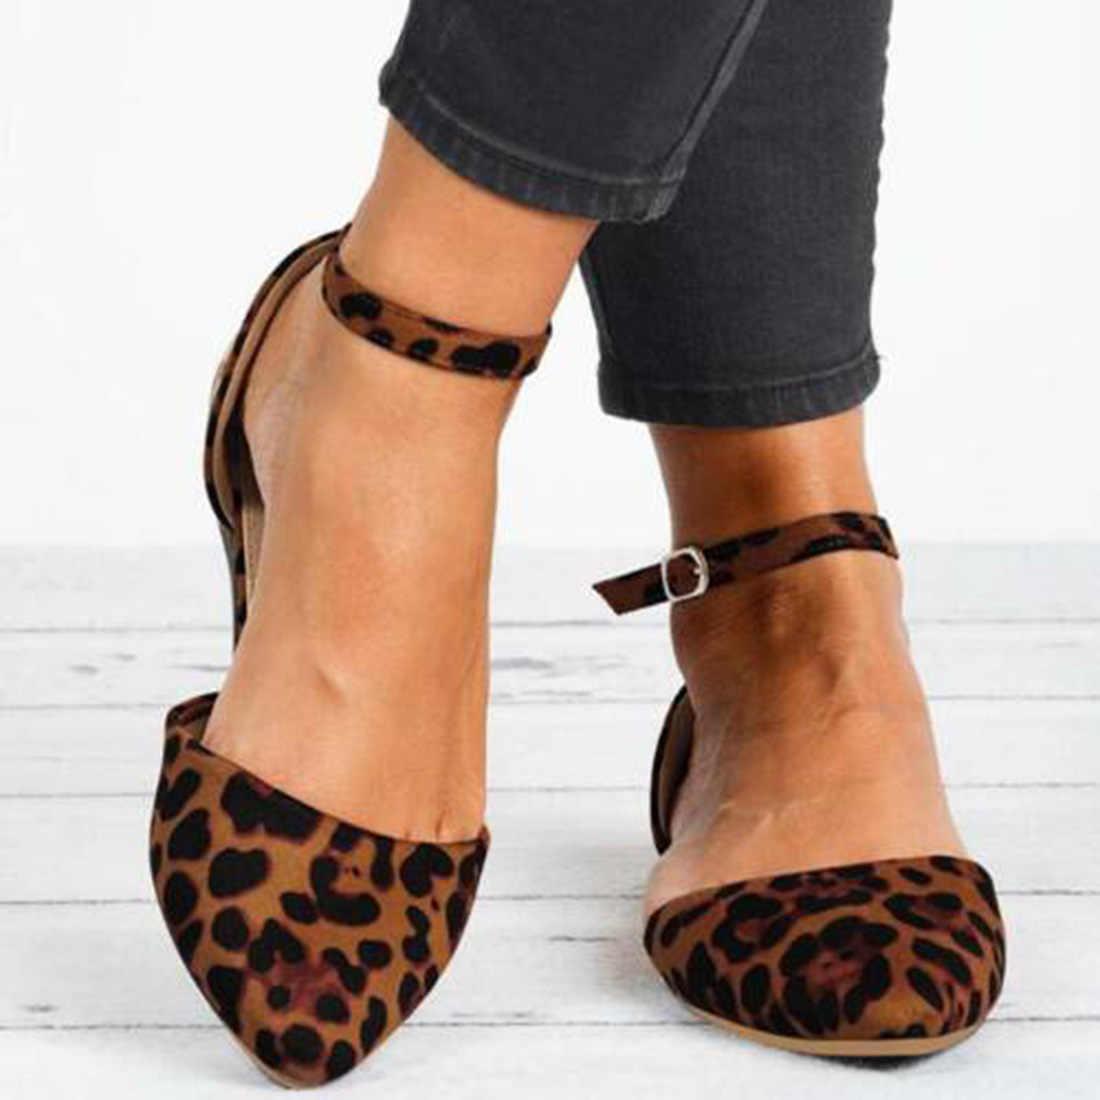 Laamei 2020 Mùa Xuân Mới Cho Nữ Nguyên Khối Vuông Ngón Chân Ba Lê Đế Giày Slip On Giày Thoải Mái Phụ Nữ Nông Phẳng Da Giày